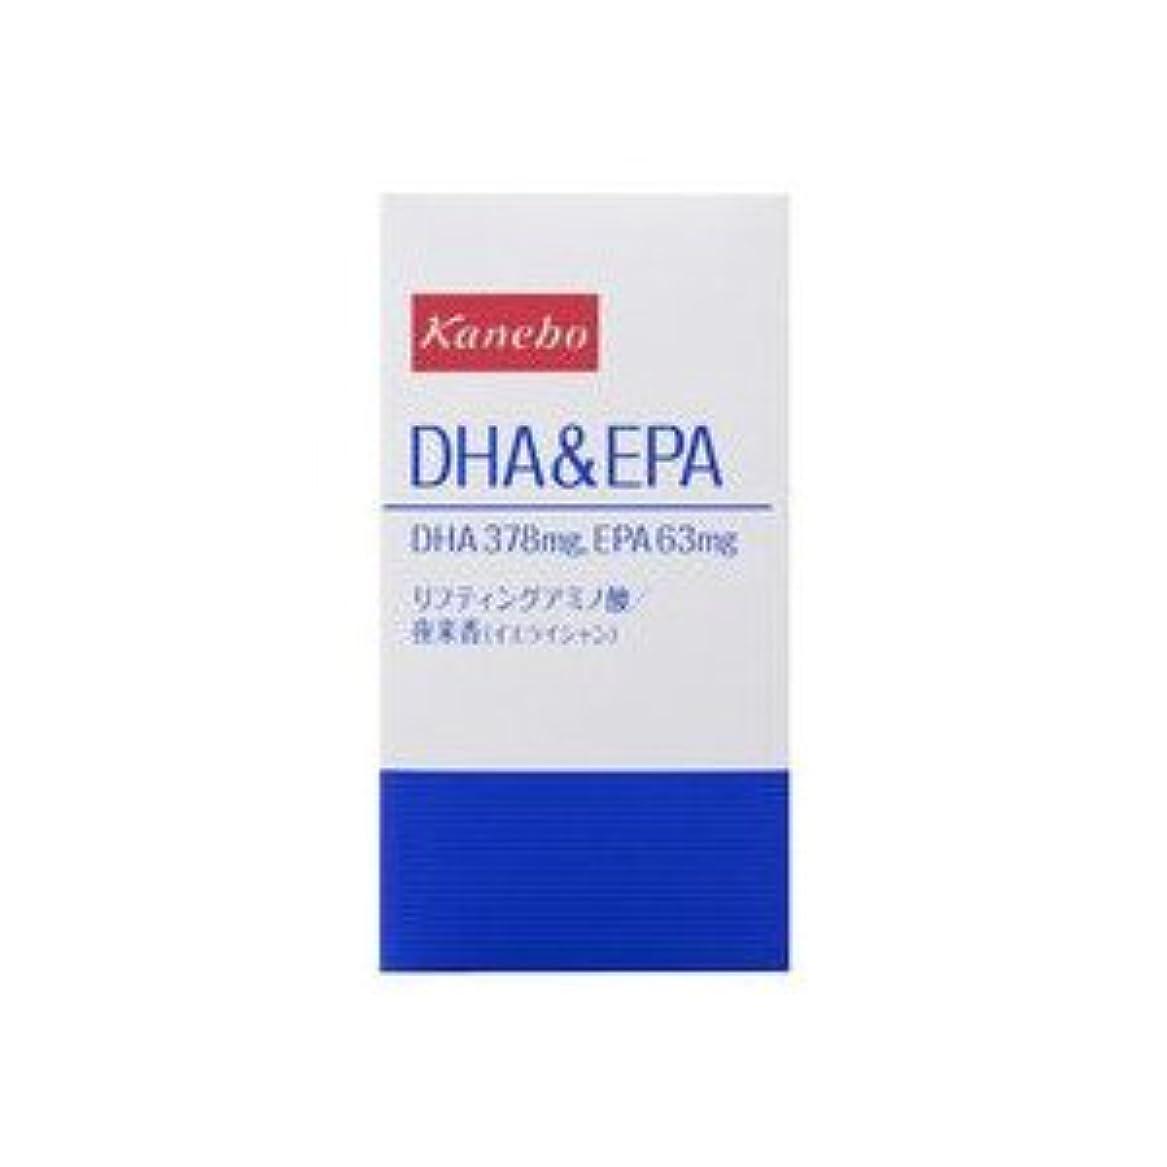 プラットフォーム劣る壁カネボウ DHA&EPA 465mg×120粒